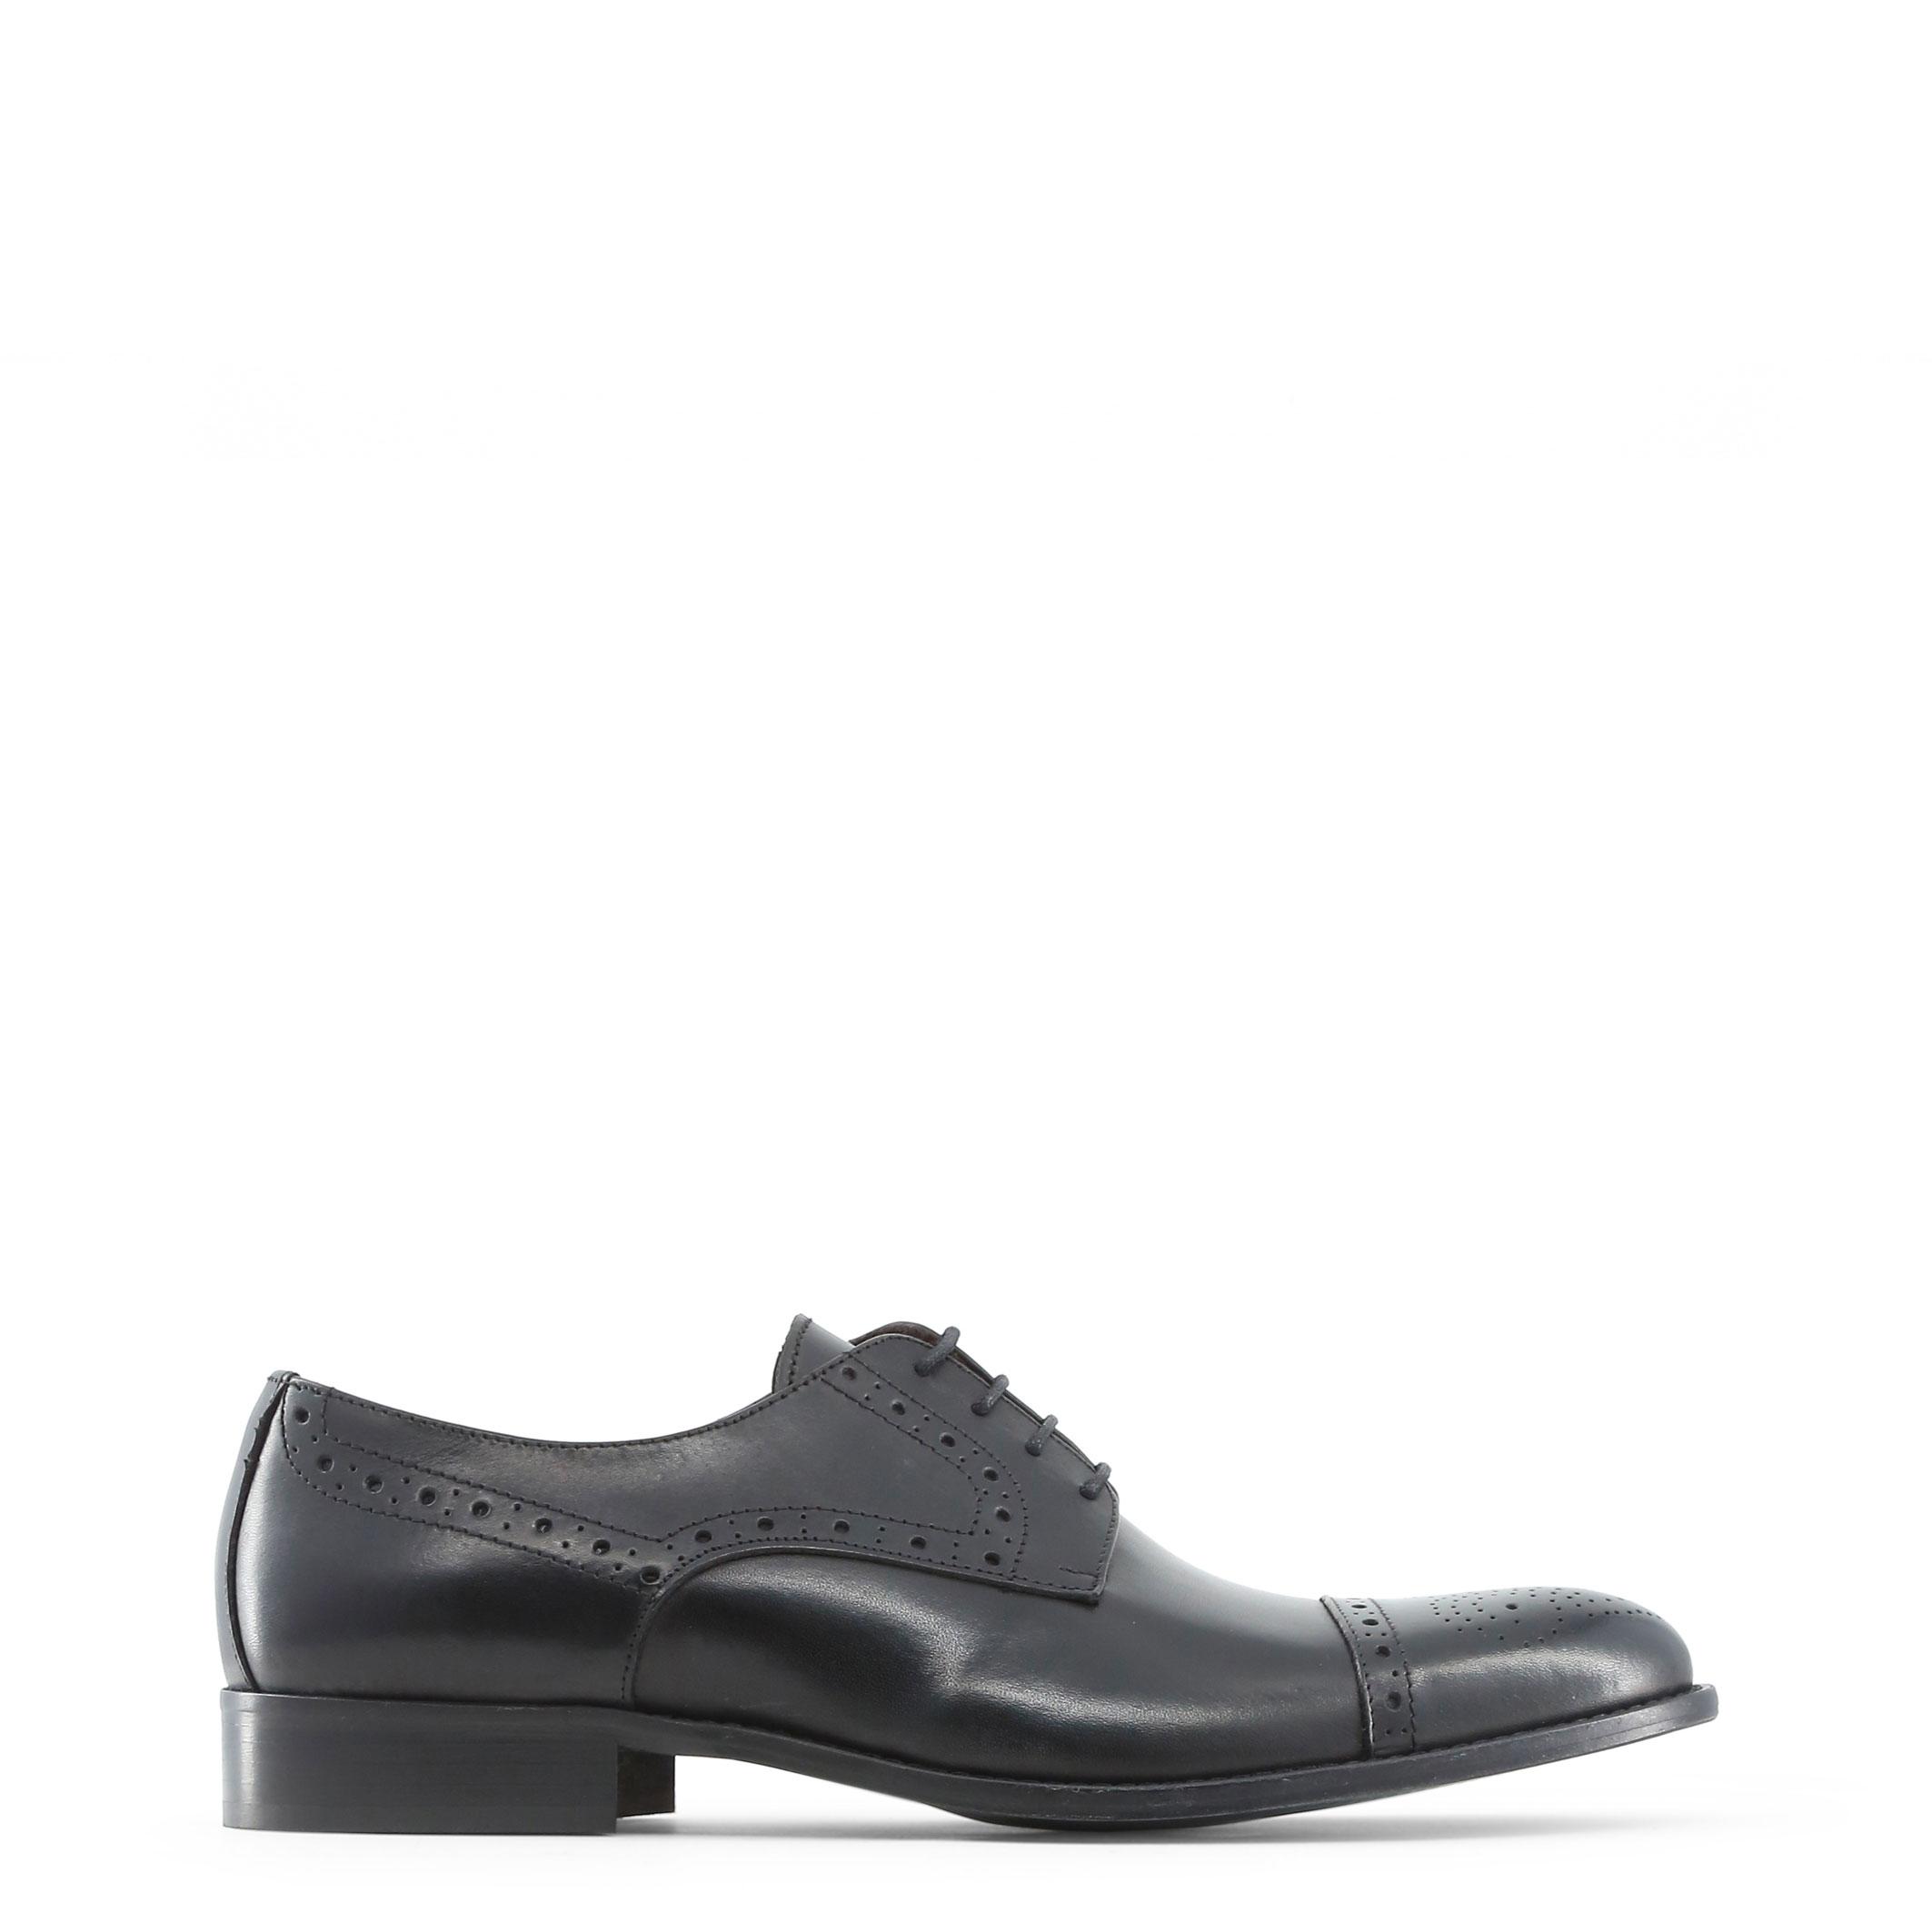 Chaussures   Made in Italia GIORGIO black